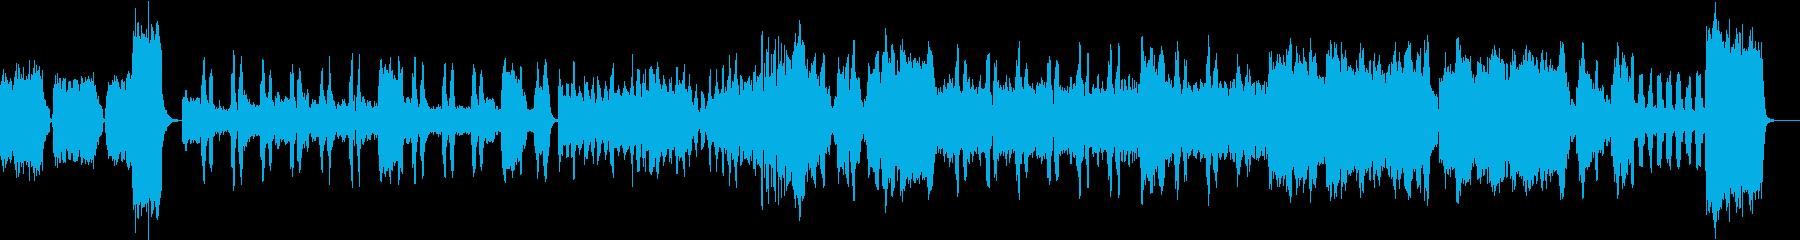 グノー ファウスト 第二曲 黄金の杯の再生済みの波形